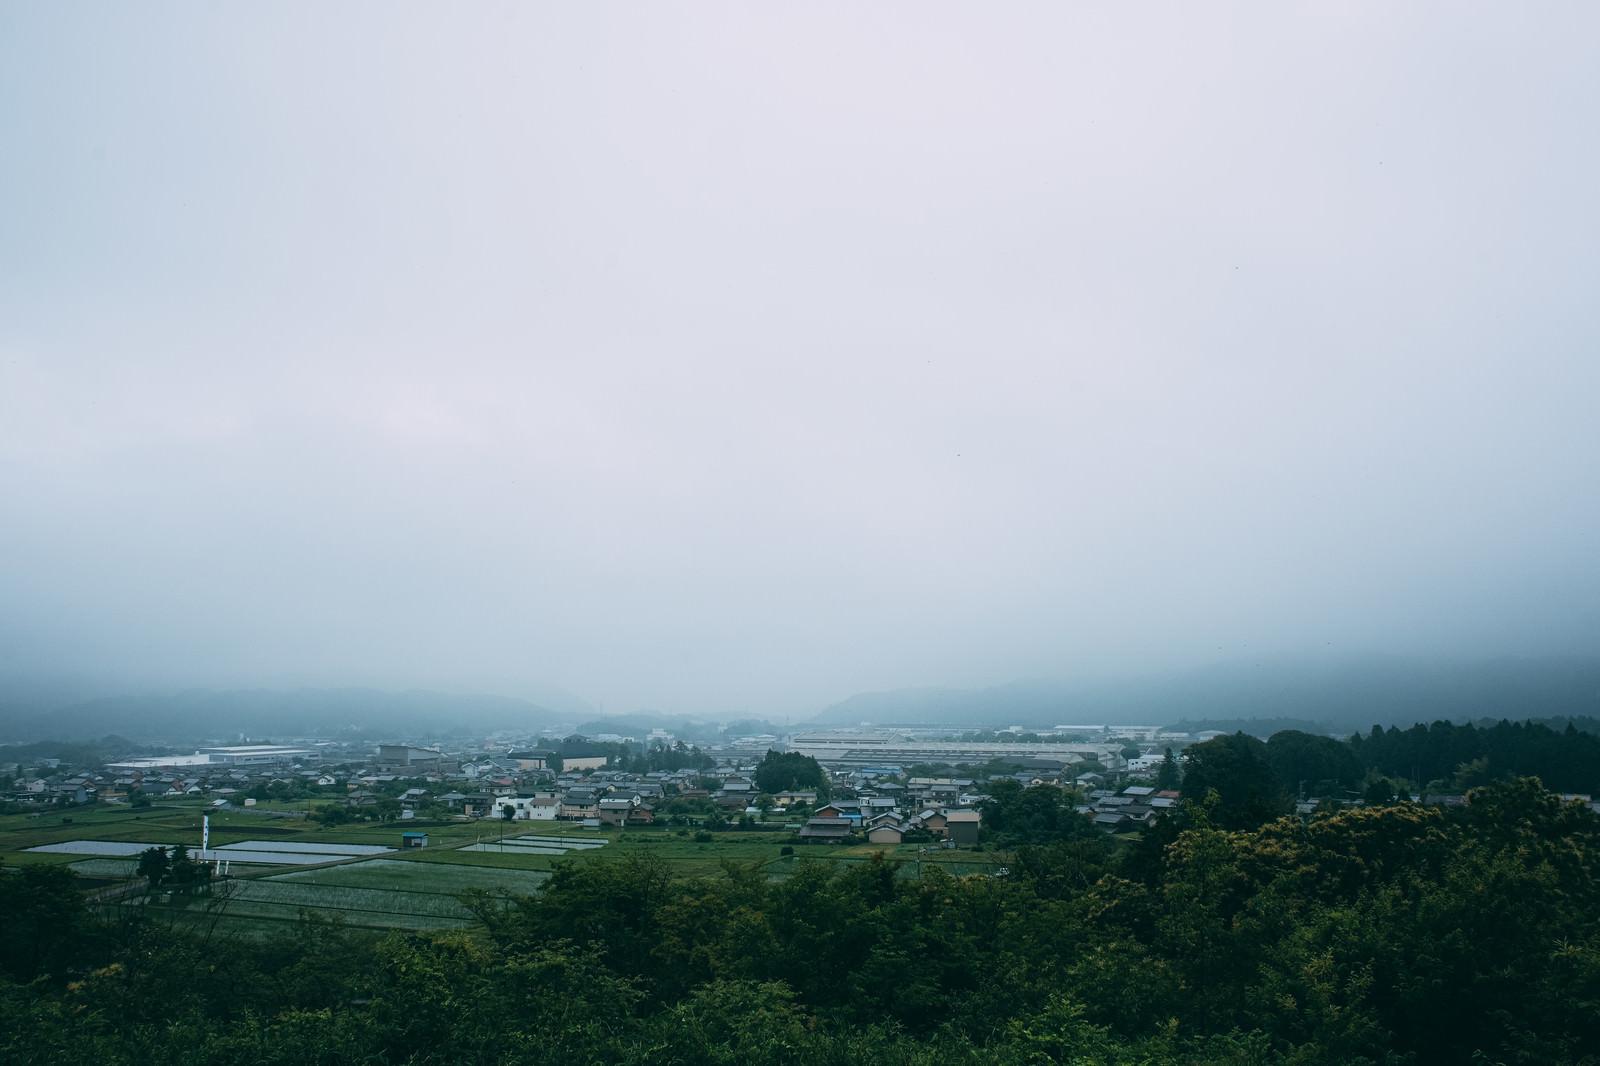 「笹尾山展望デッキから、雨で霞む現在の関ケ原を眺める」の写真